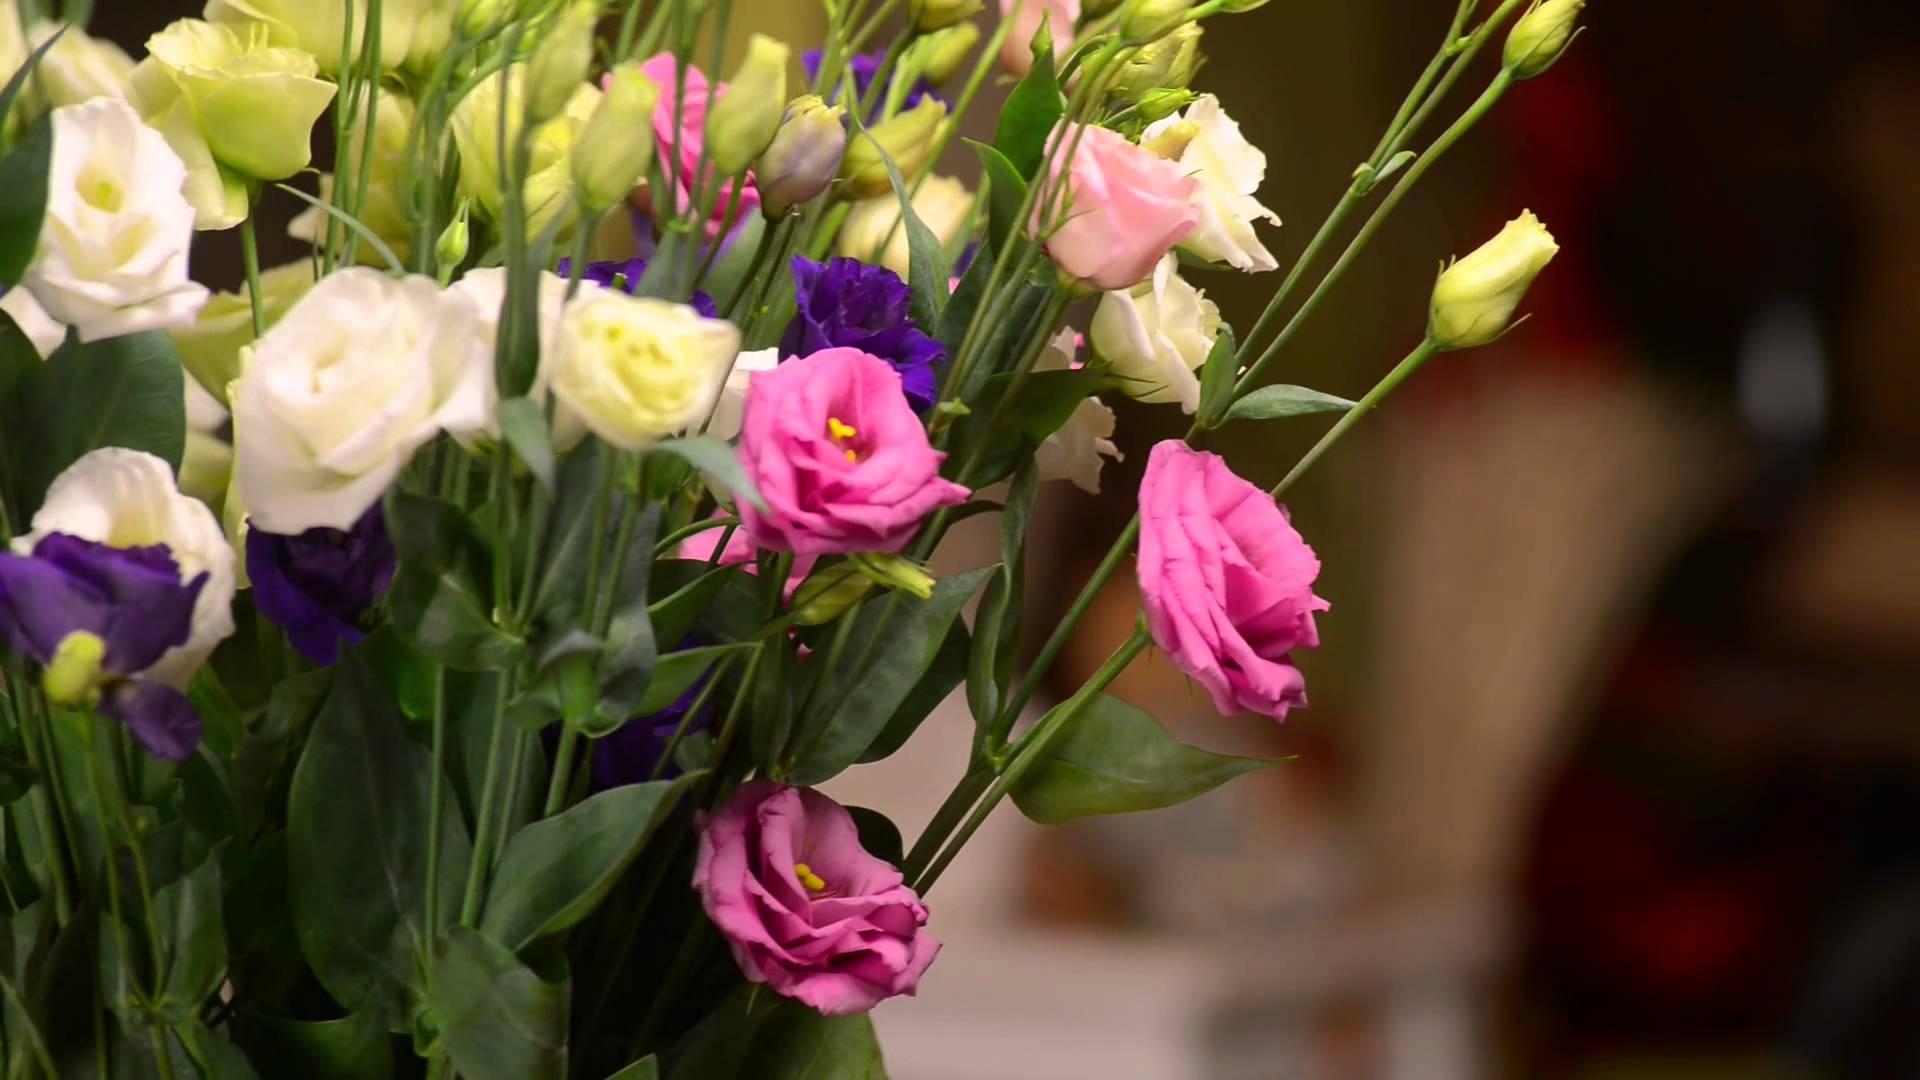 цветы эустома обои на рабочий стол использования технологий политического